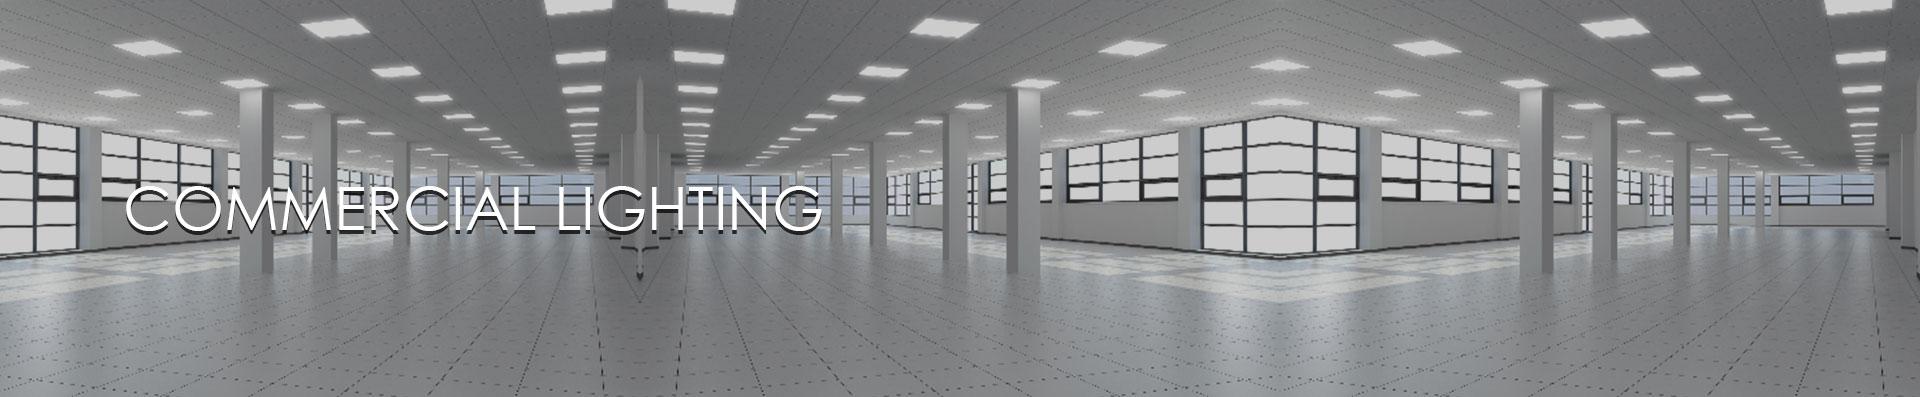 Ccommercial Lighting